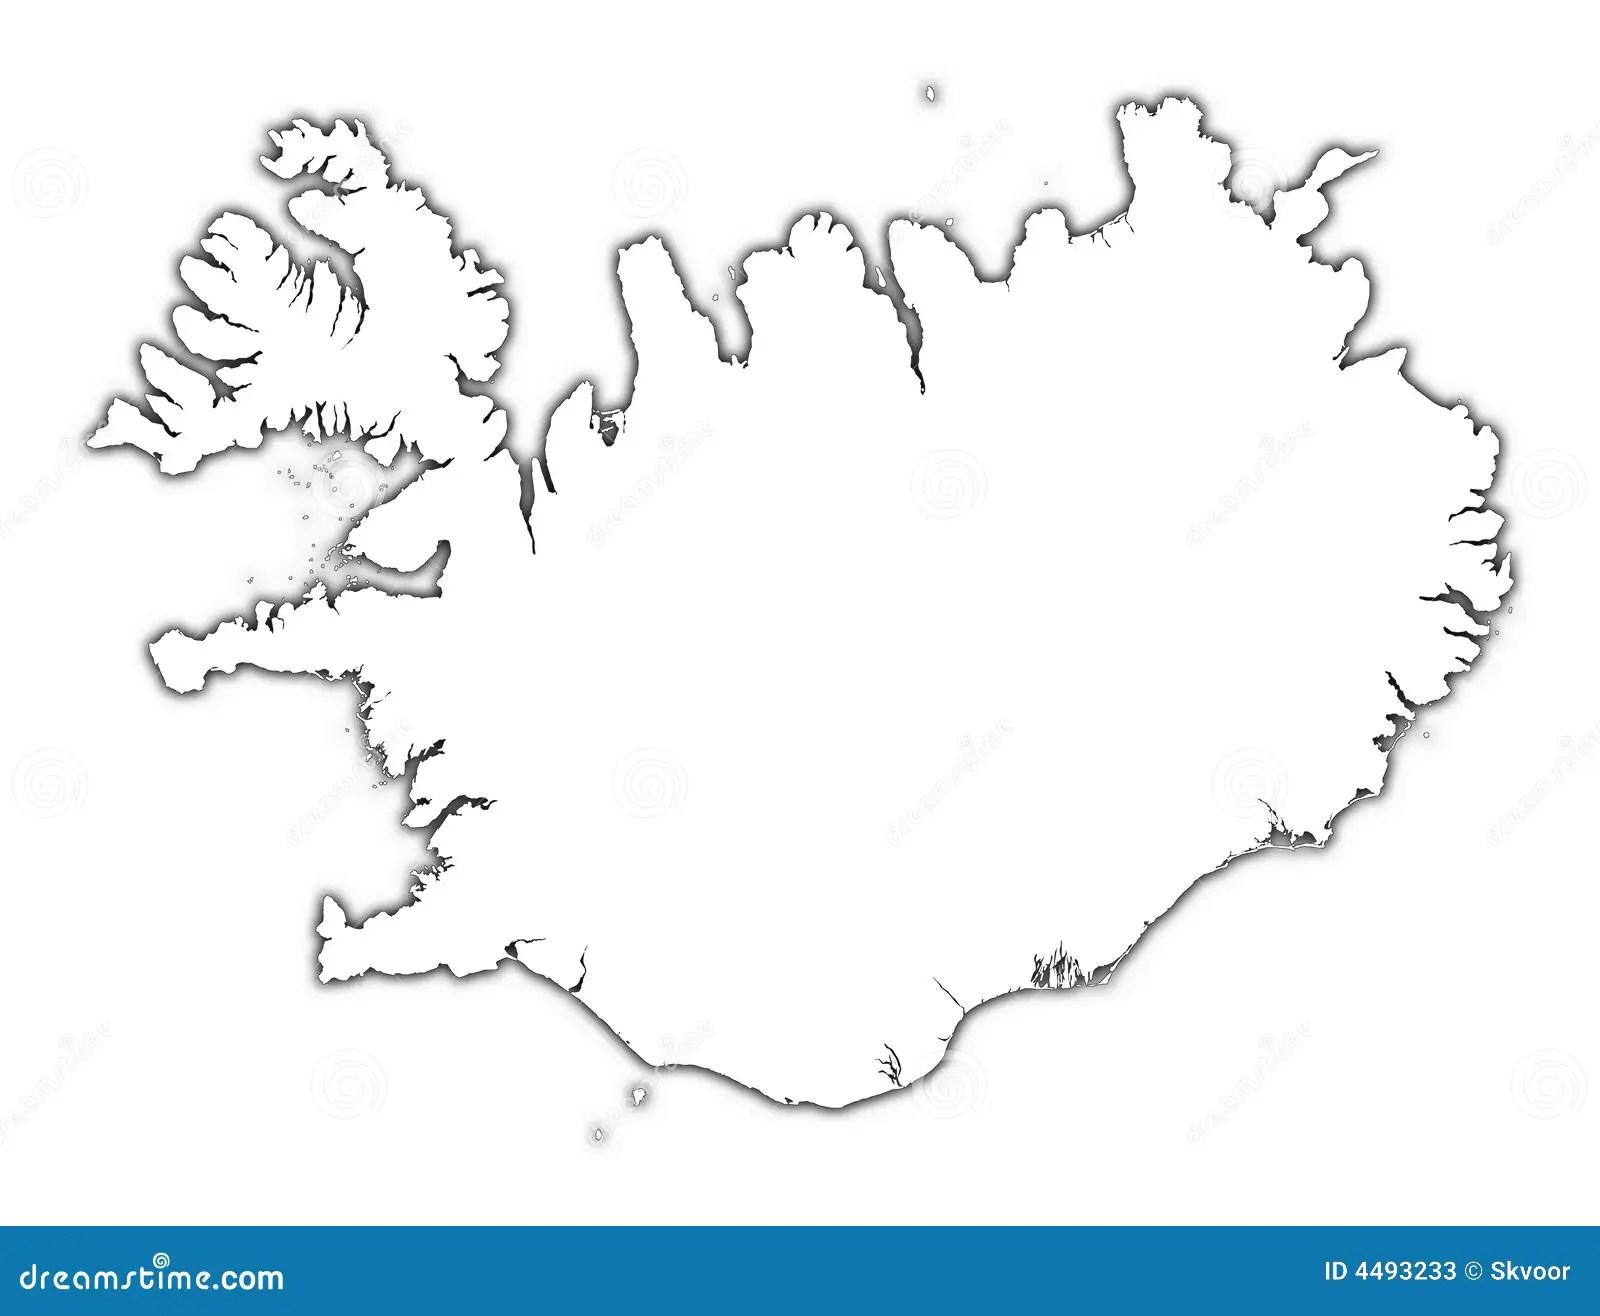 Islandia Mapy Zarys Ilustracji Ilustracja Z O Onej Z